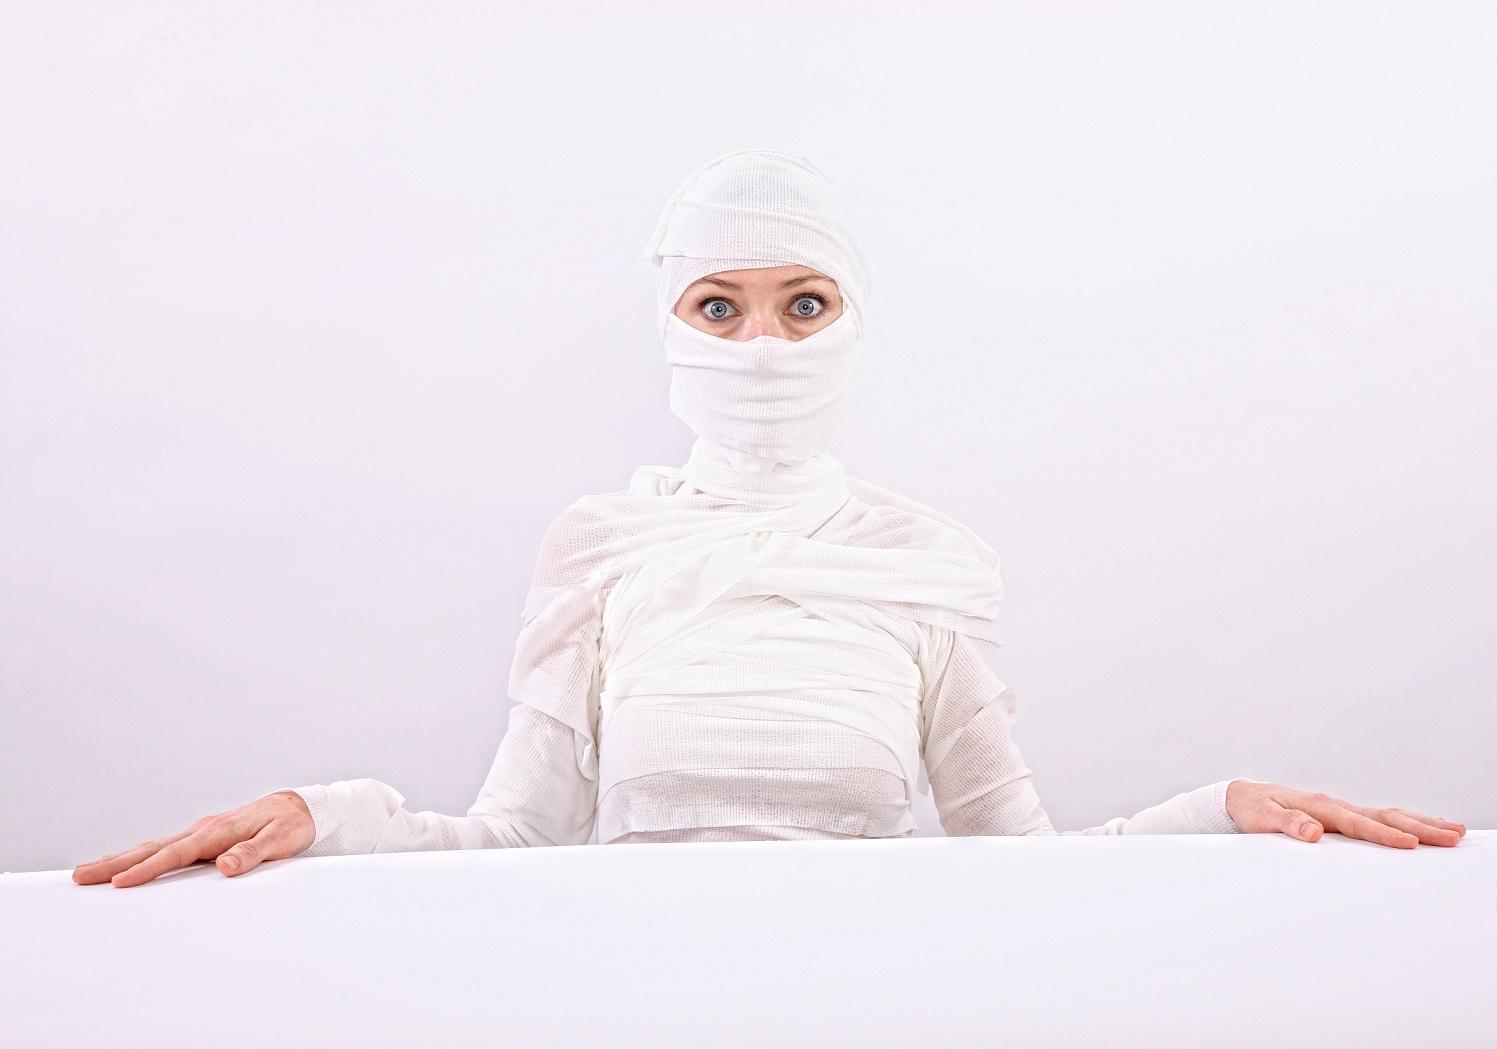 mummy woman